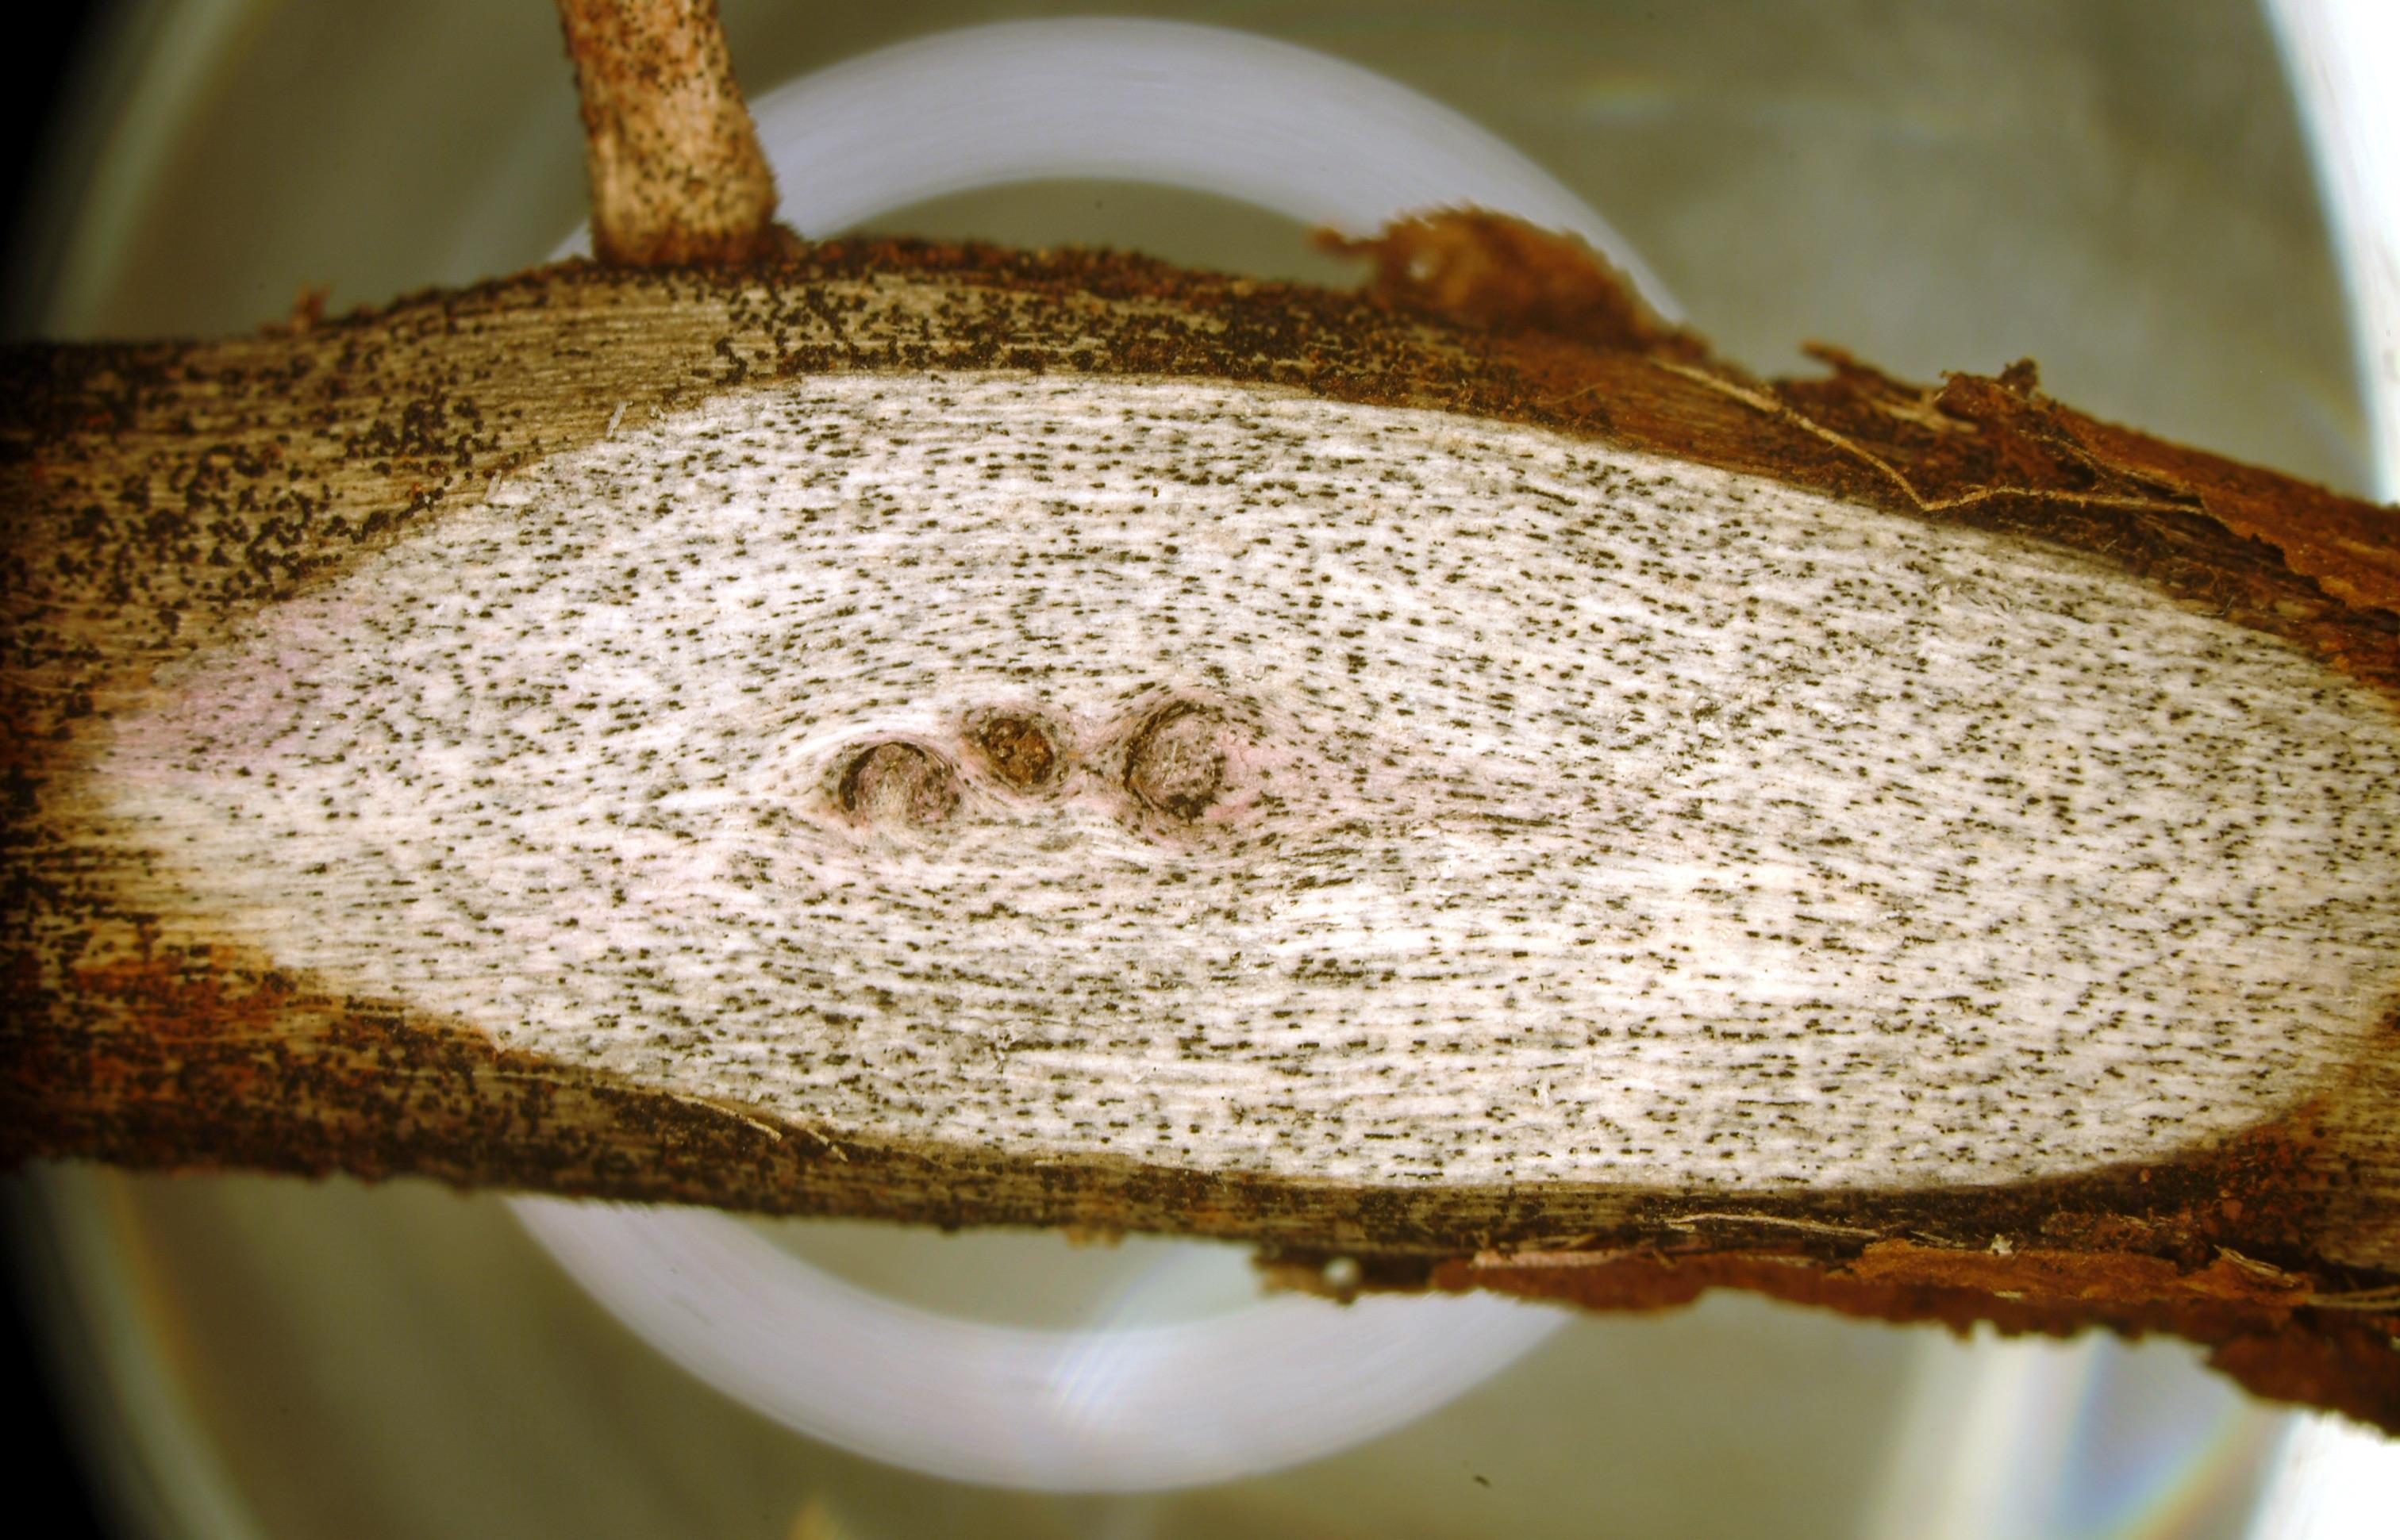 Macrophomina phaseolina microsclerotia in plant tissue.